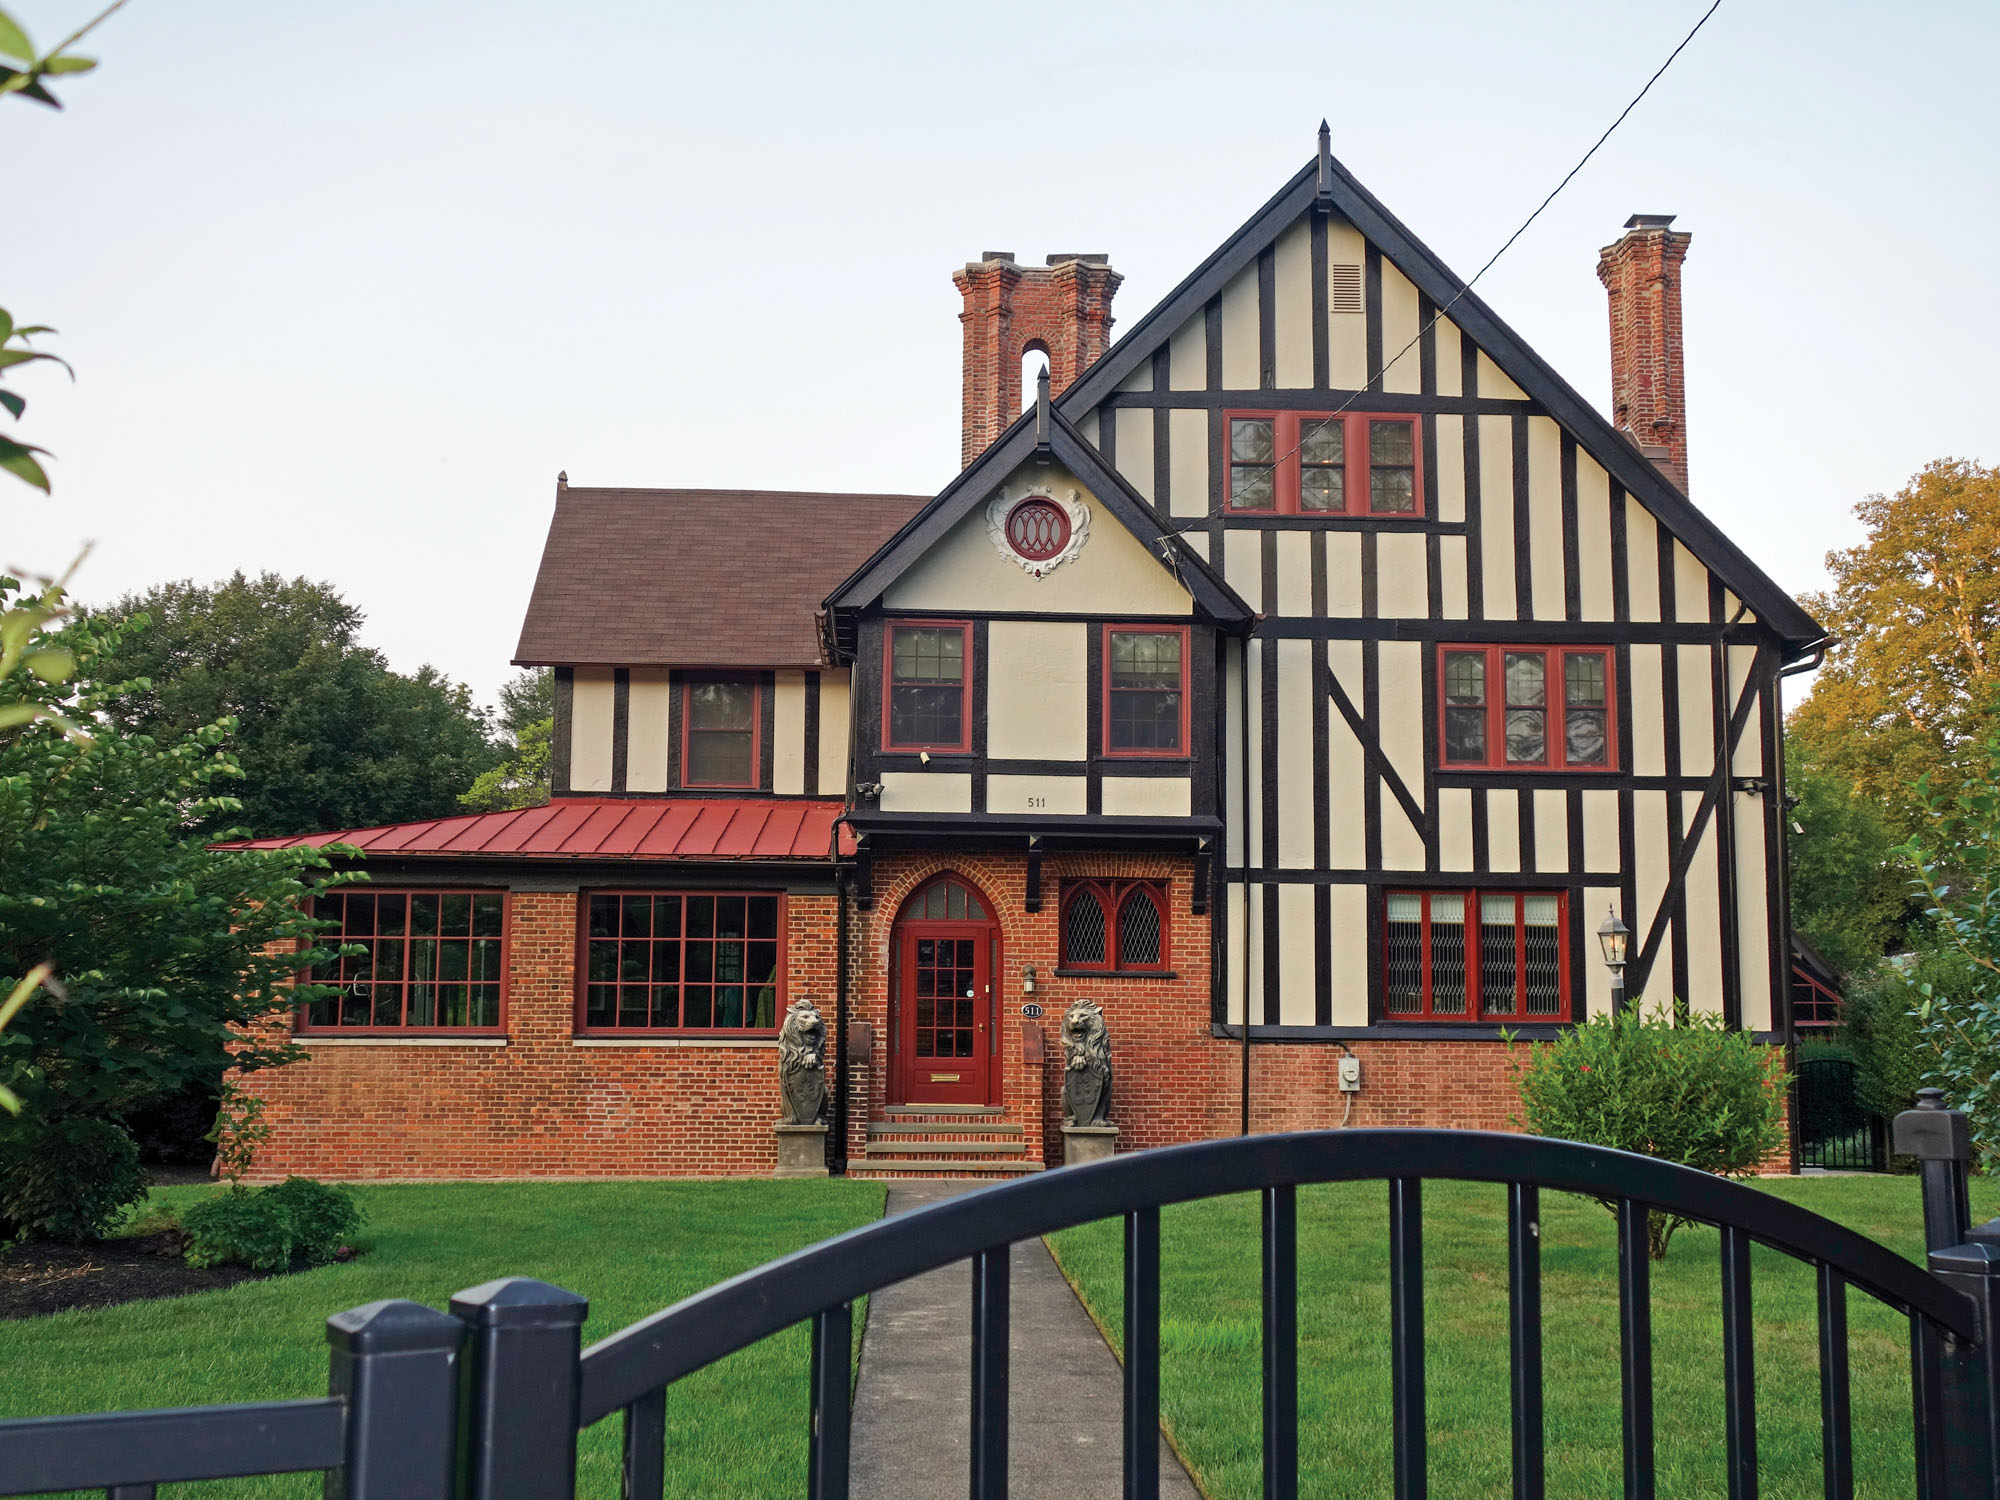 House styles in Ogontz Park